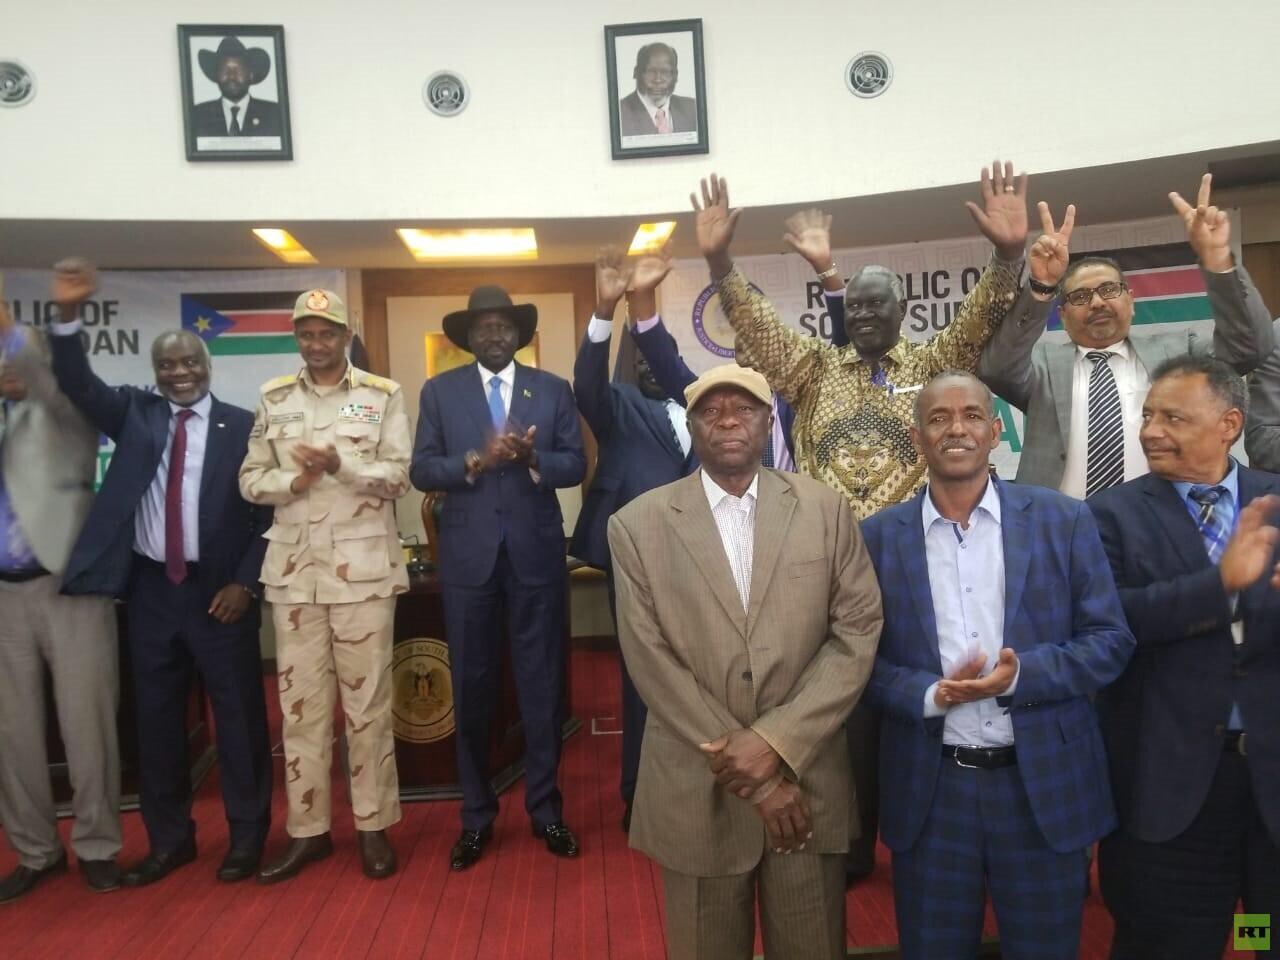 """توقيع """"إعلان جوبا"""" ل'جراءات بناء الثقة والتفاوض بين الحكومة والحركات المسلحة السودانية"""